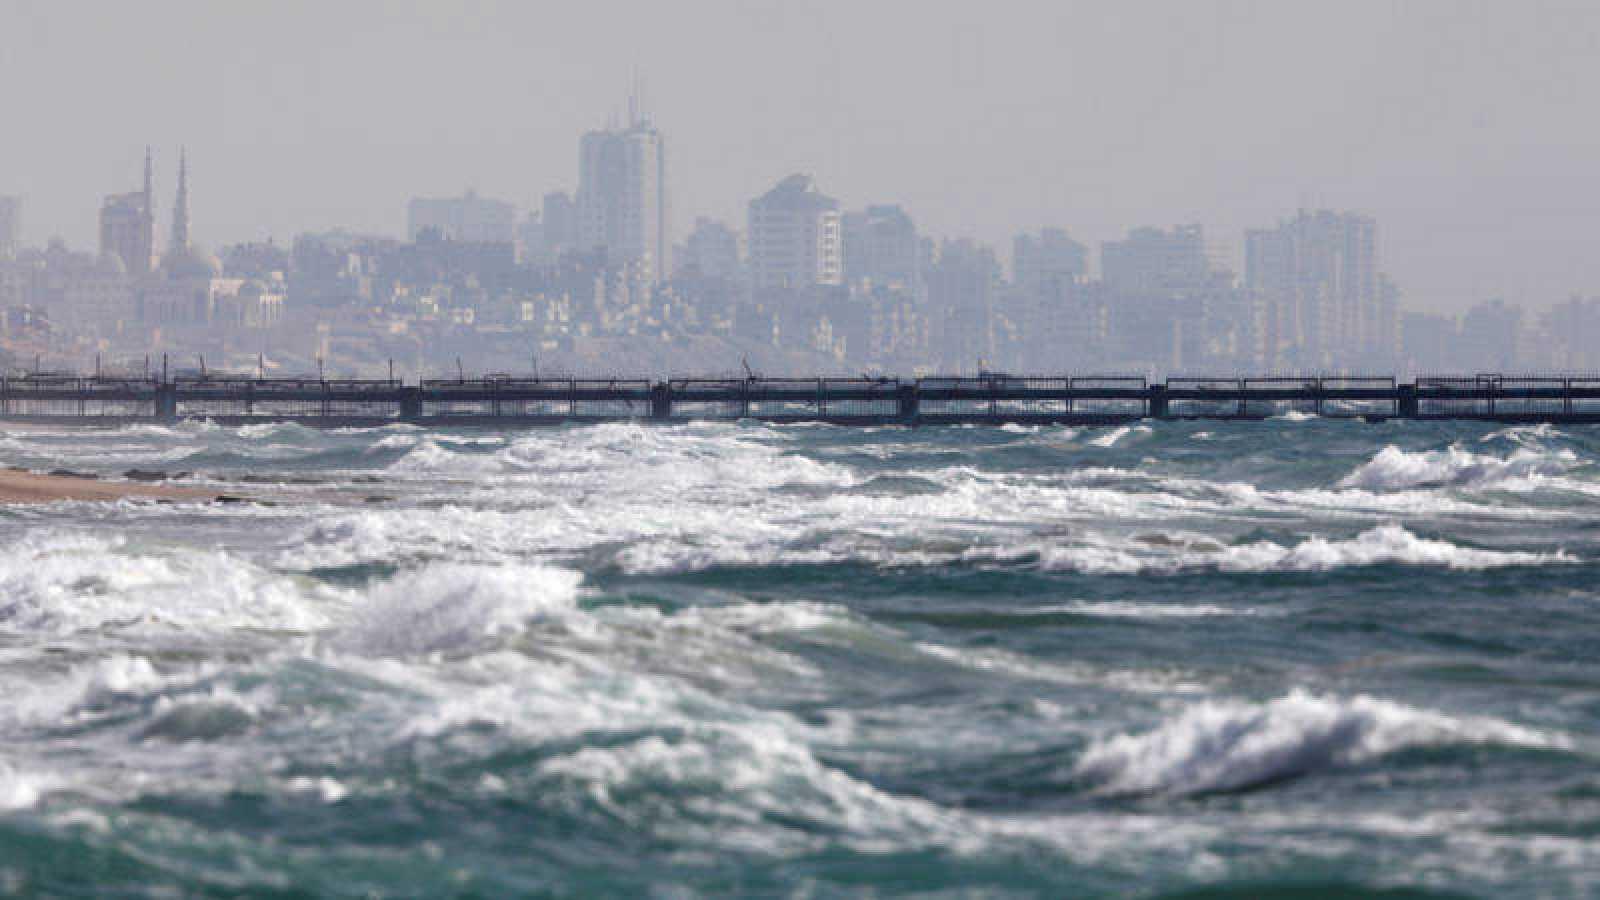 Imagen de la frontera marítima entre Israel y Gaza vista desde Zikim, Israel